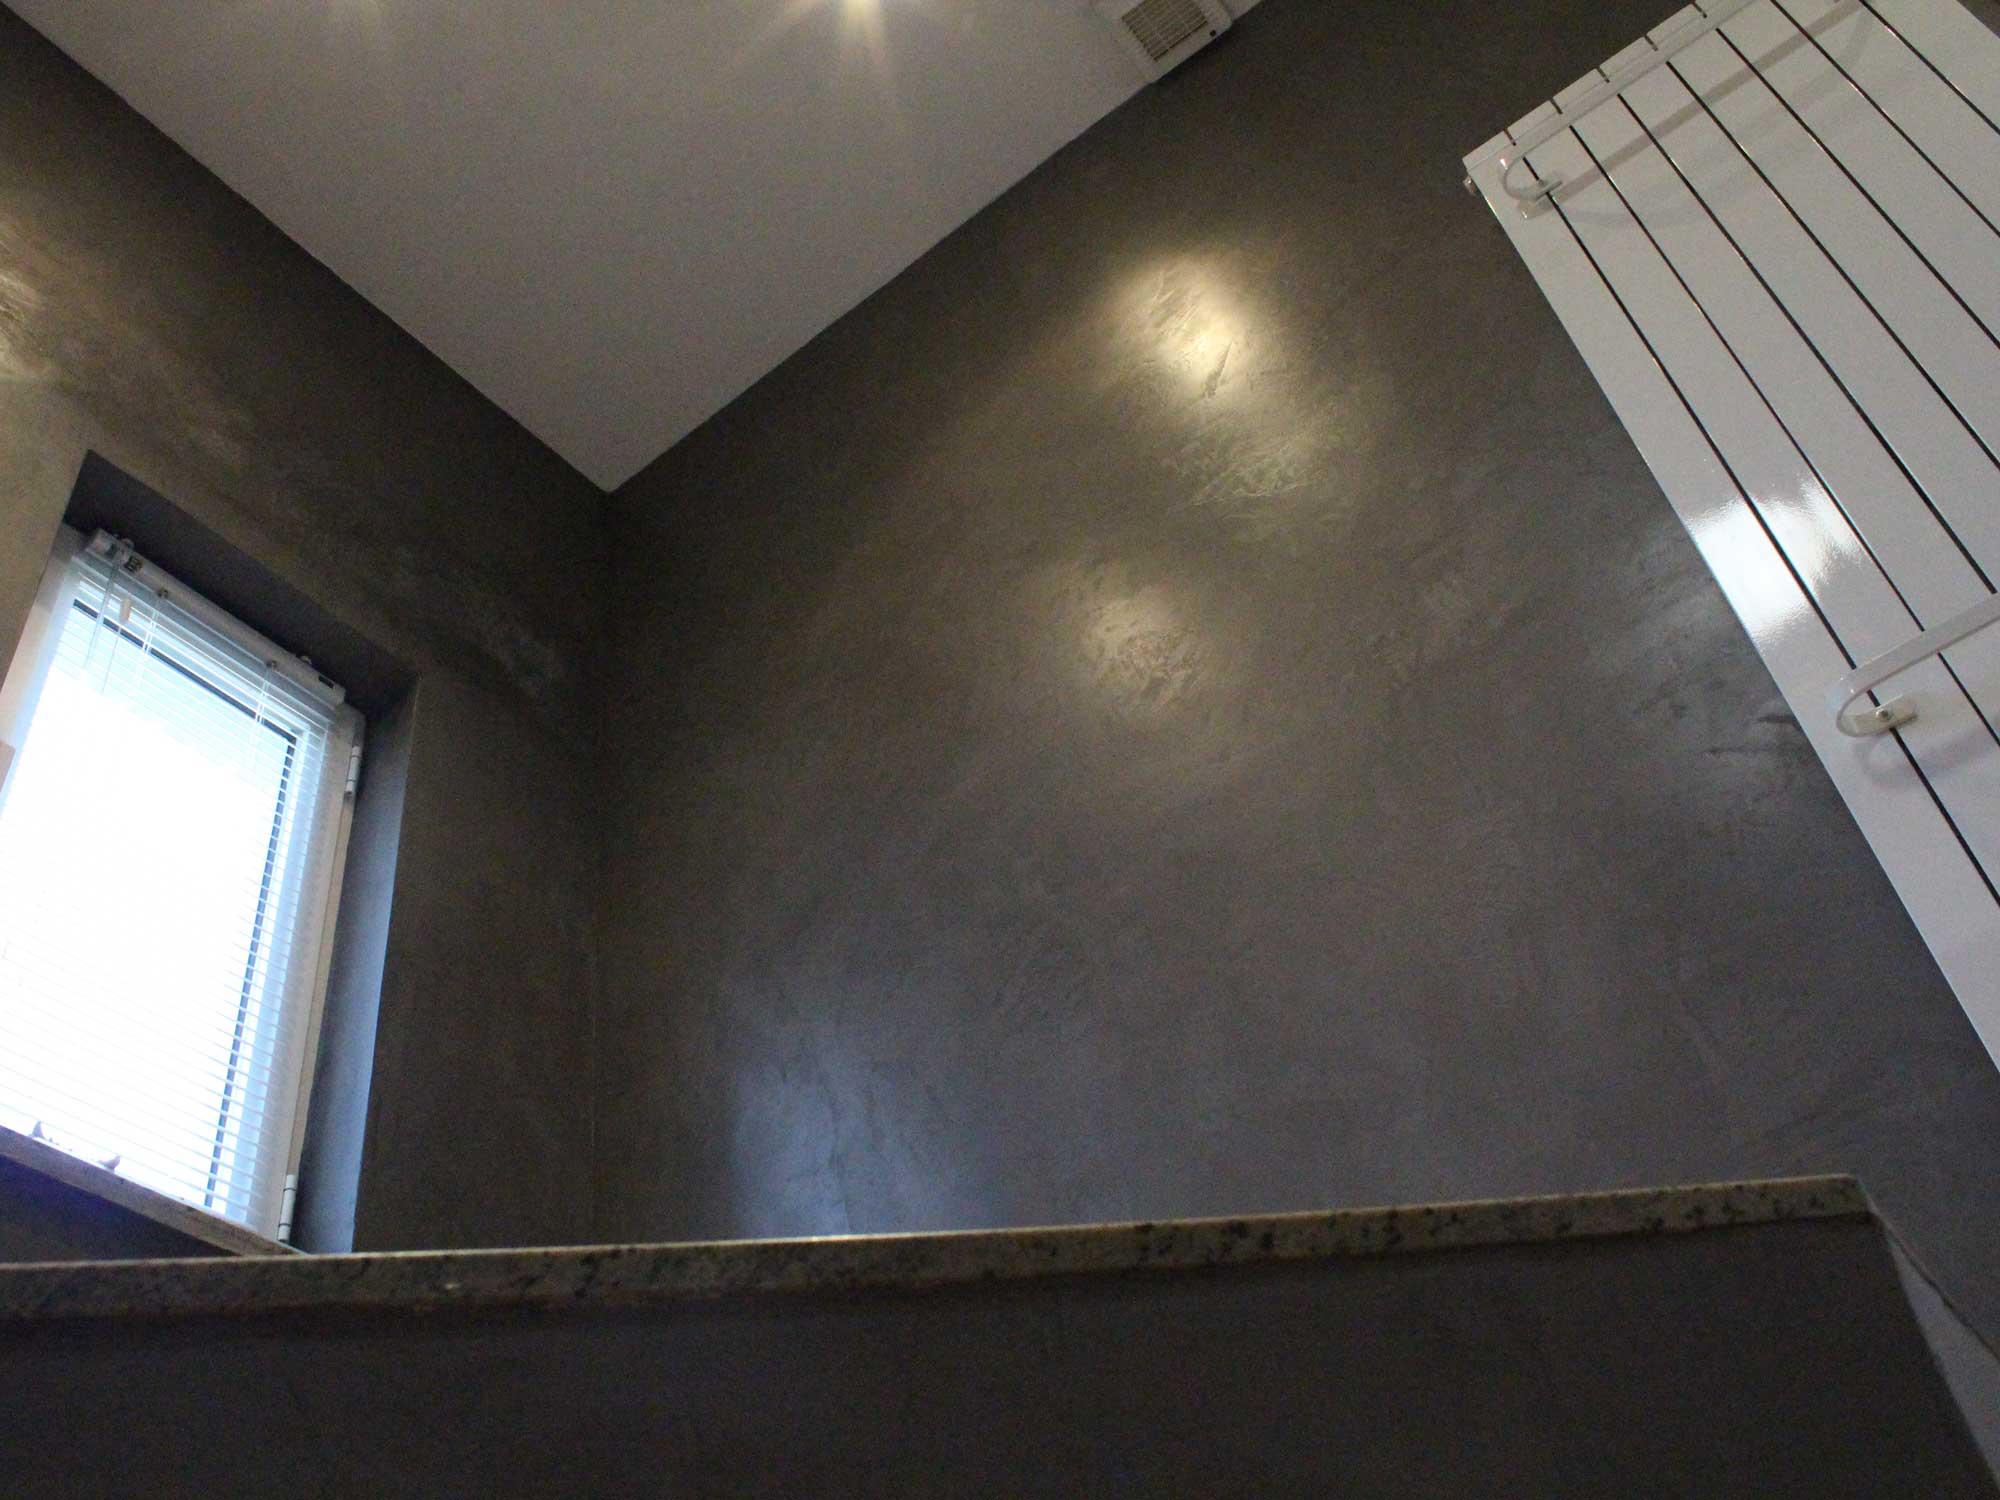 Aplicatie Mortex over tegels in badkamer | Bollaert bvba